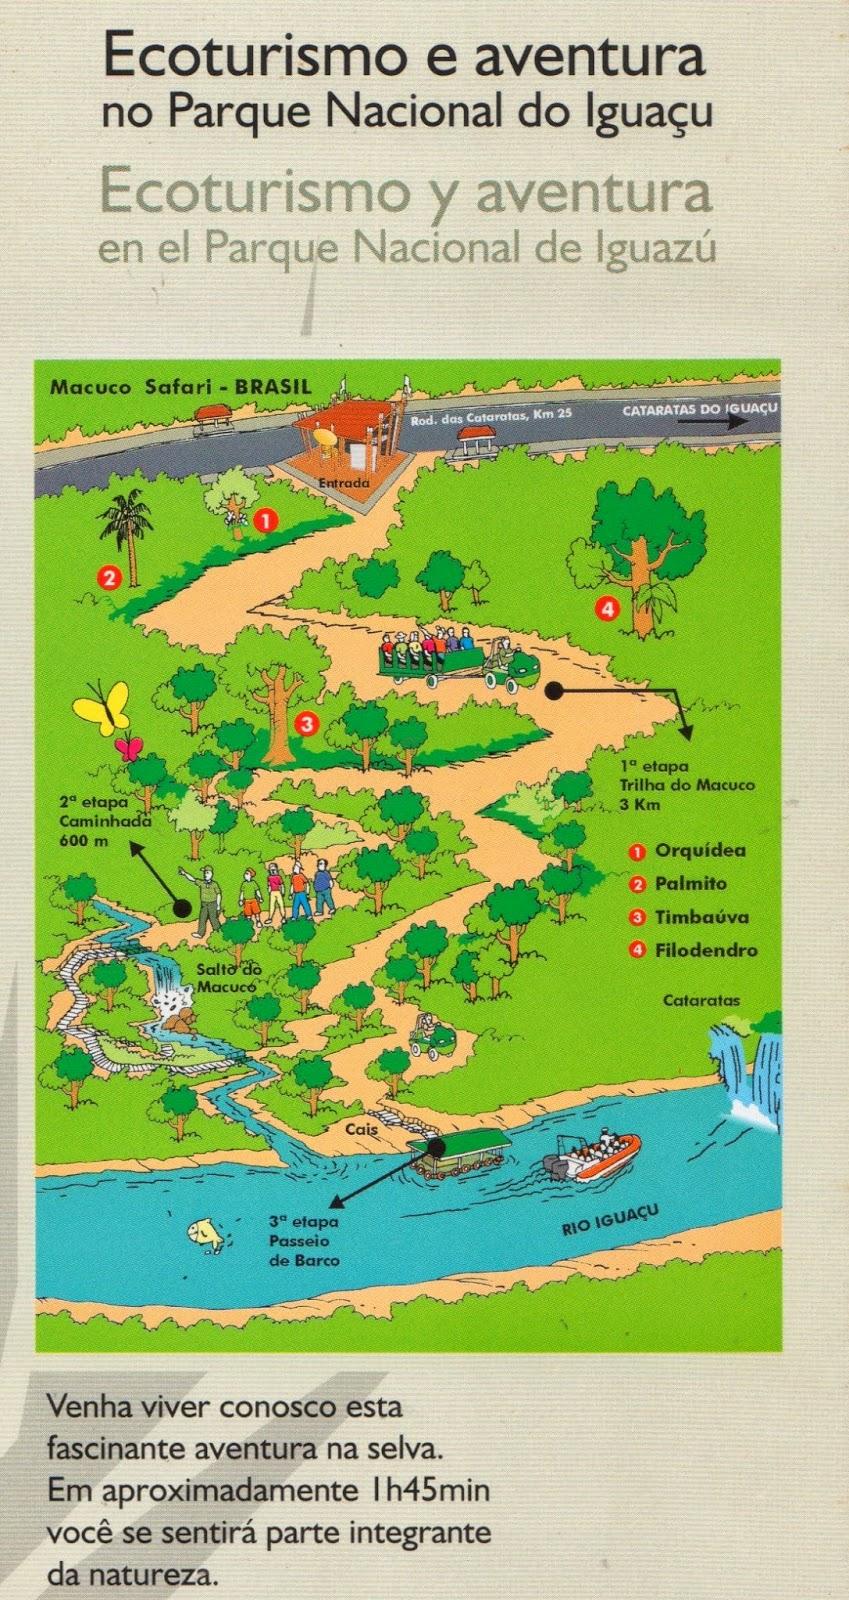 Lado brasileiro das Cataratas e Macuco Safari